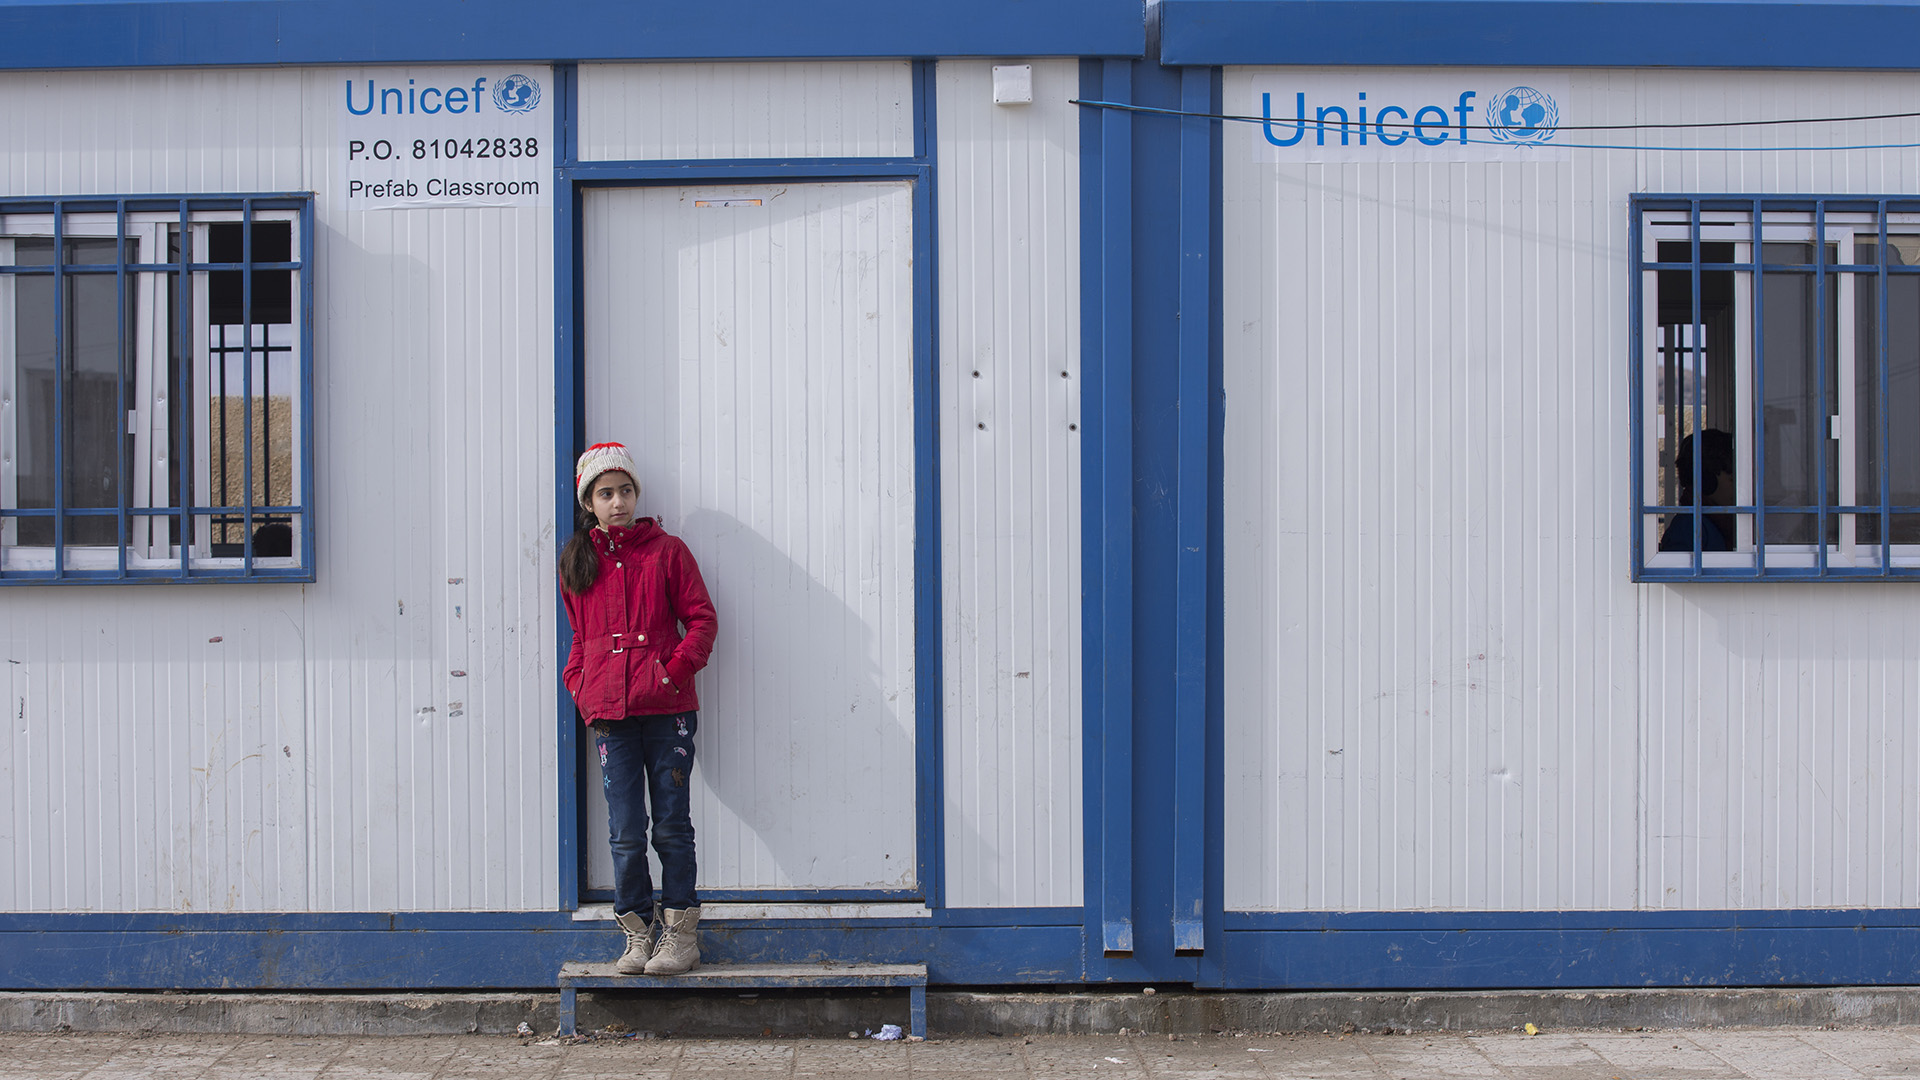 Messi solidario: su donación permite la educación en Siria